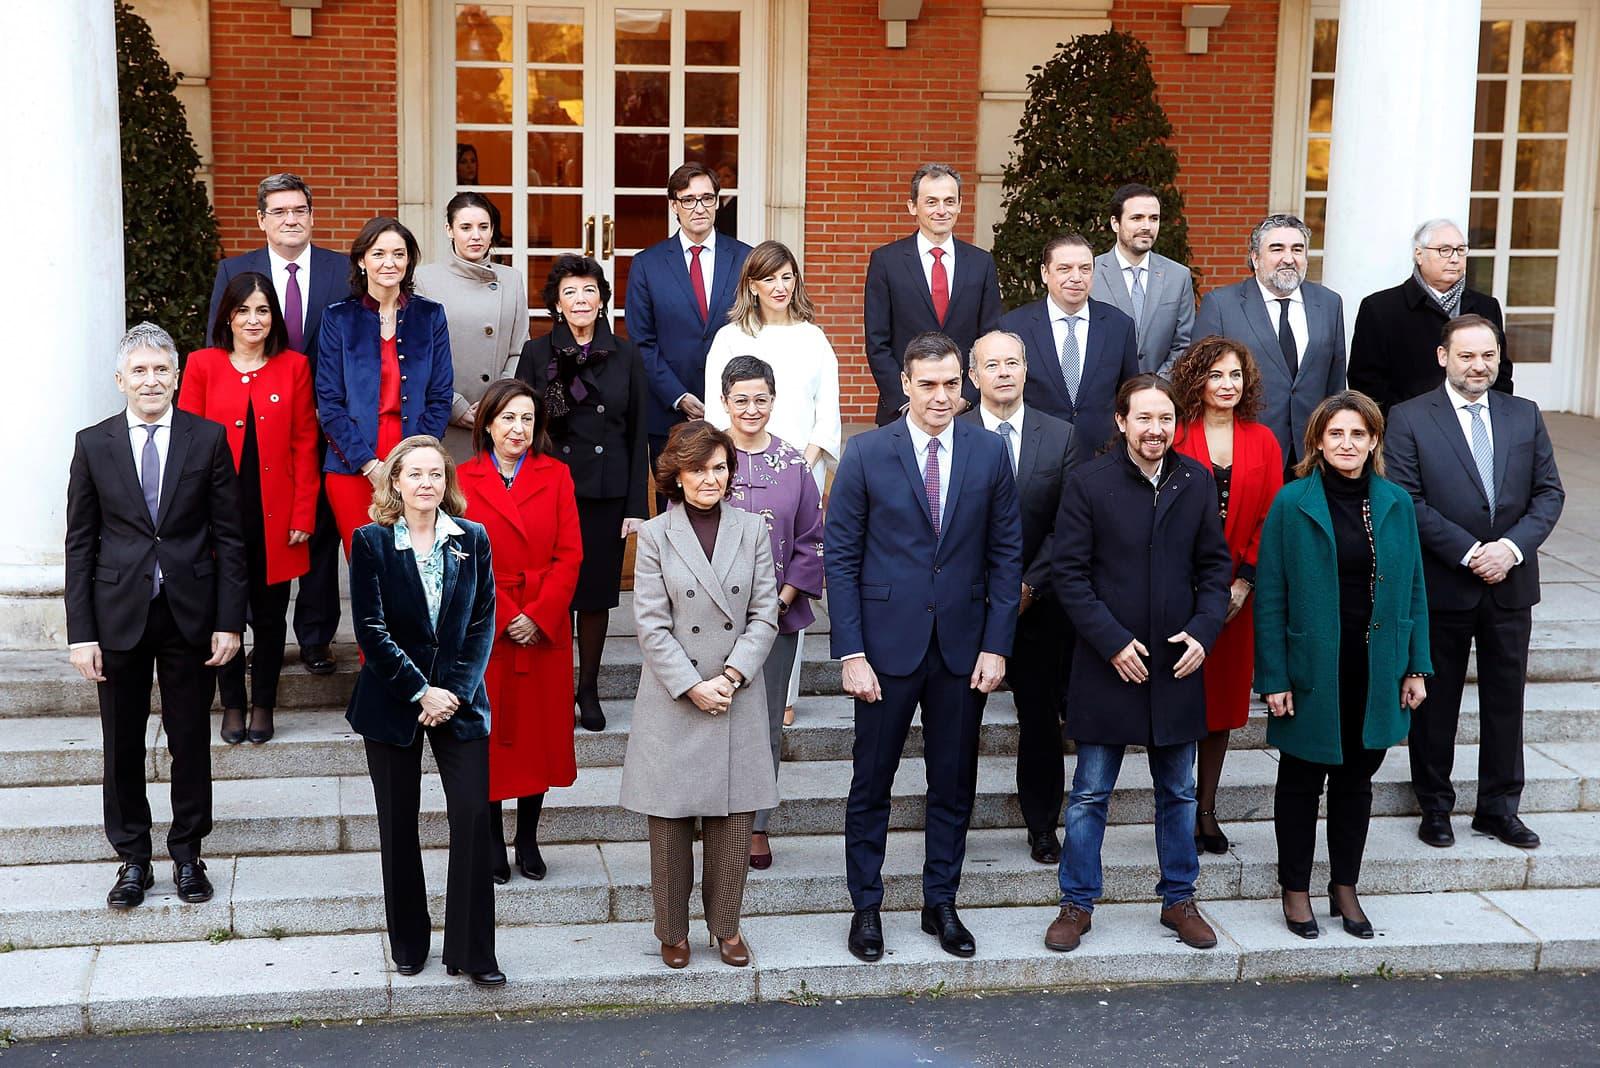 Fotografia de familia, a la Moncloa, del nou govern de coalició PSOE-Podemos el 14 de gener. Fotografia d'Emilio Naranjo/Efe